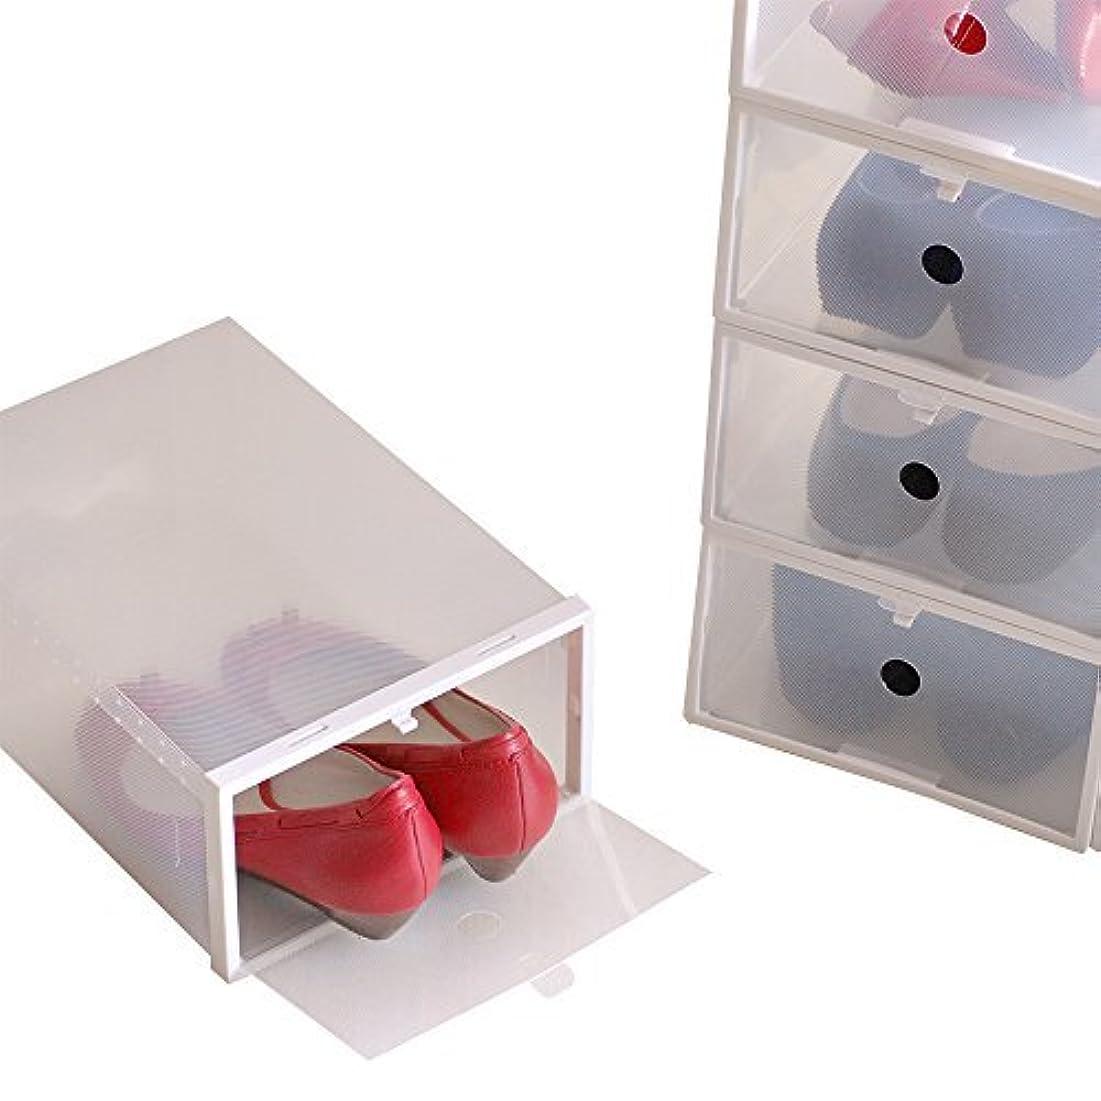 誤って運営犯人女性用シューズボックス枠付き ホワイト 1セット8箱入り 透明クリアーケース(HK)